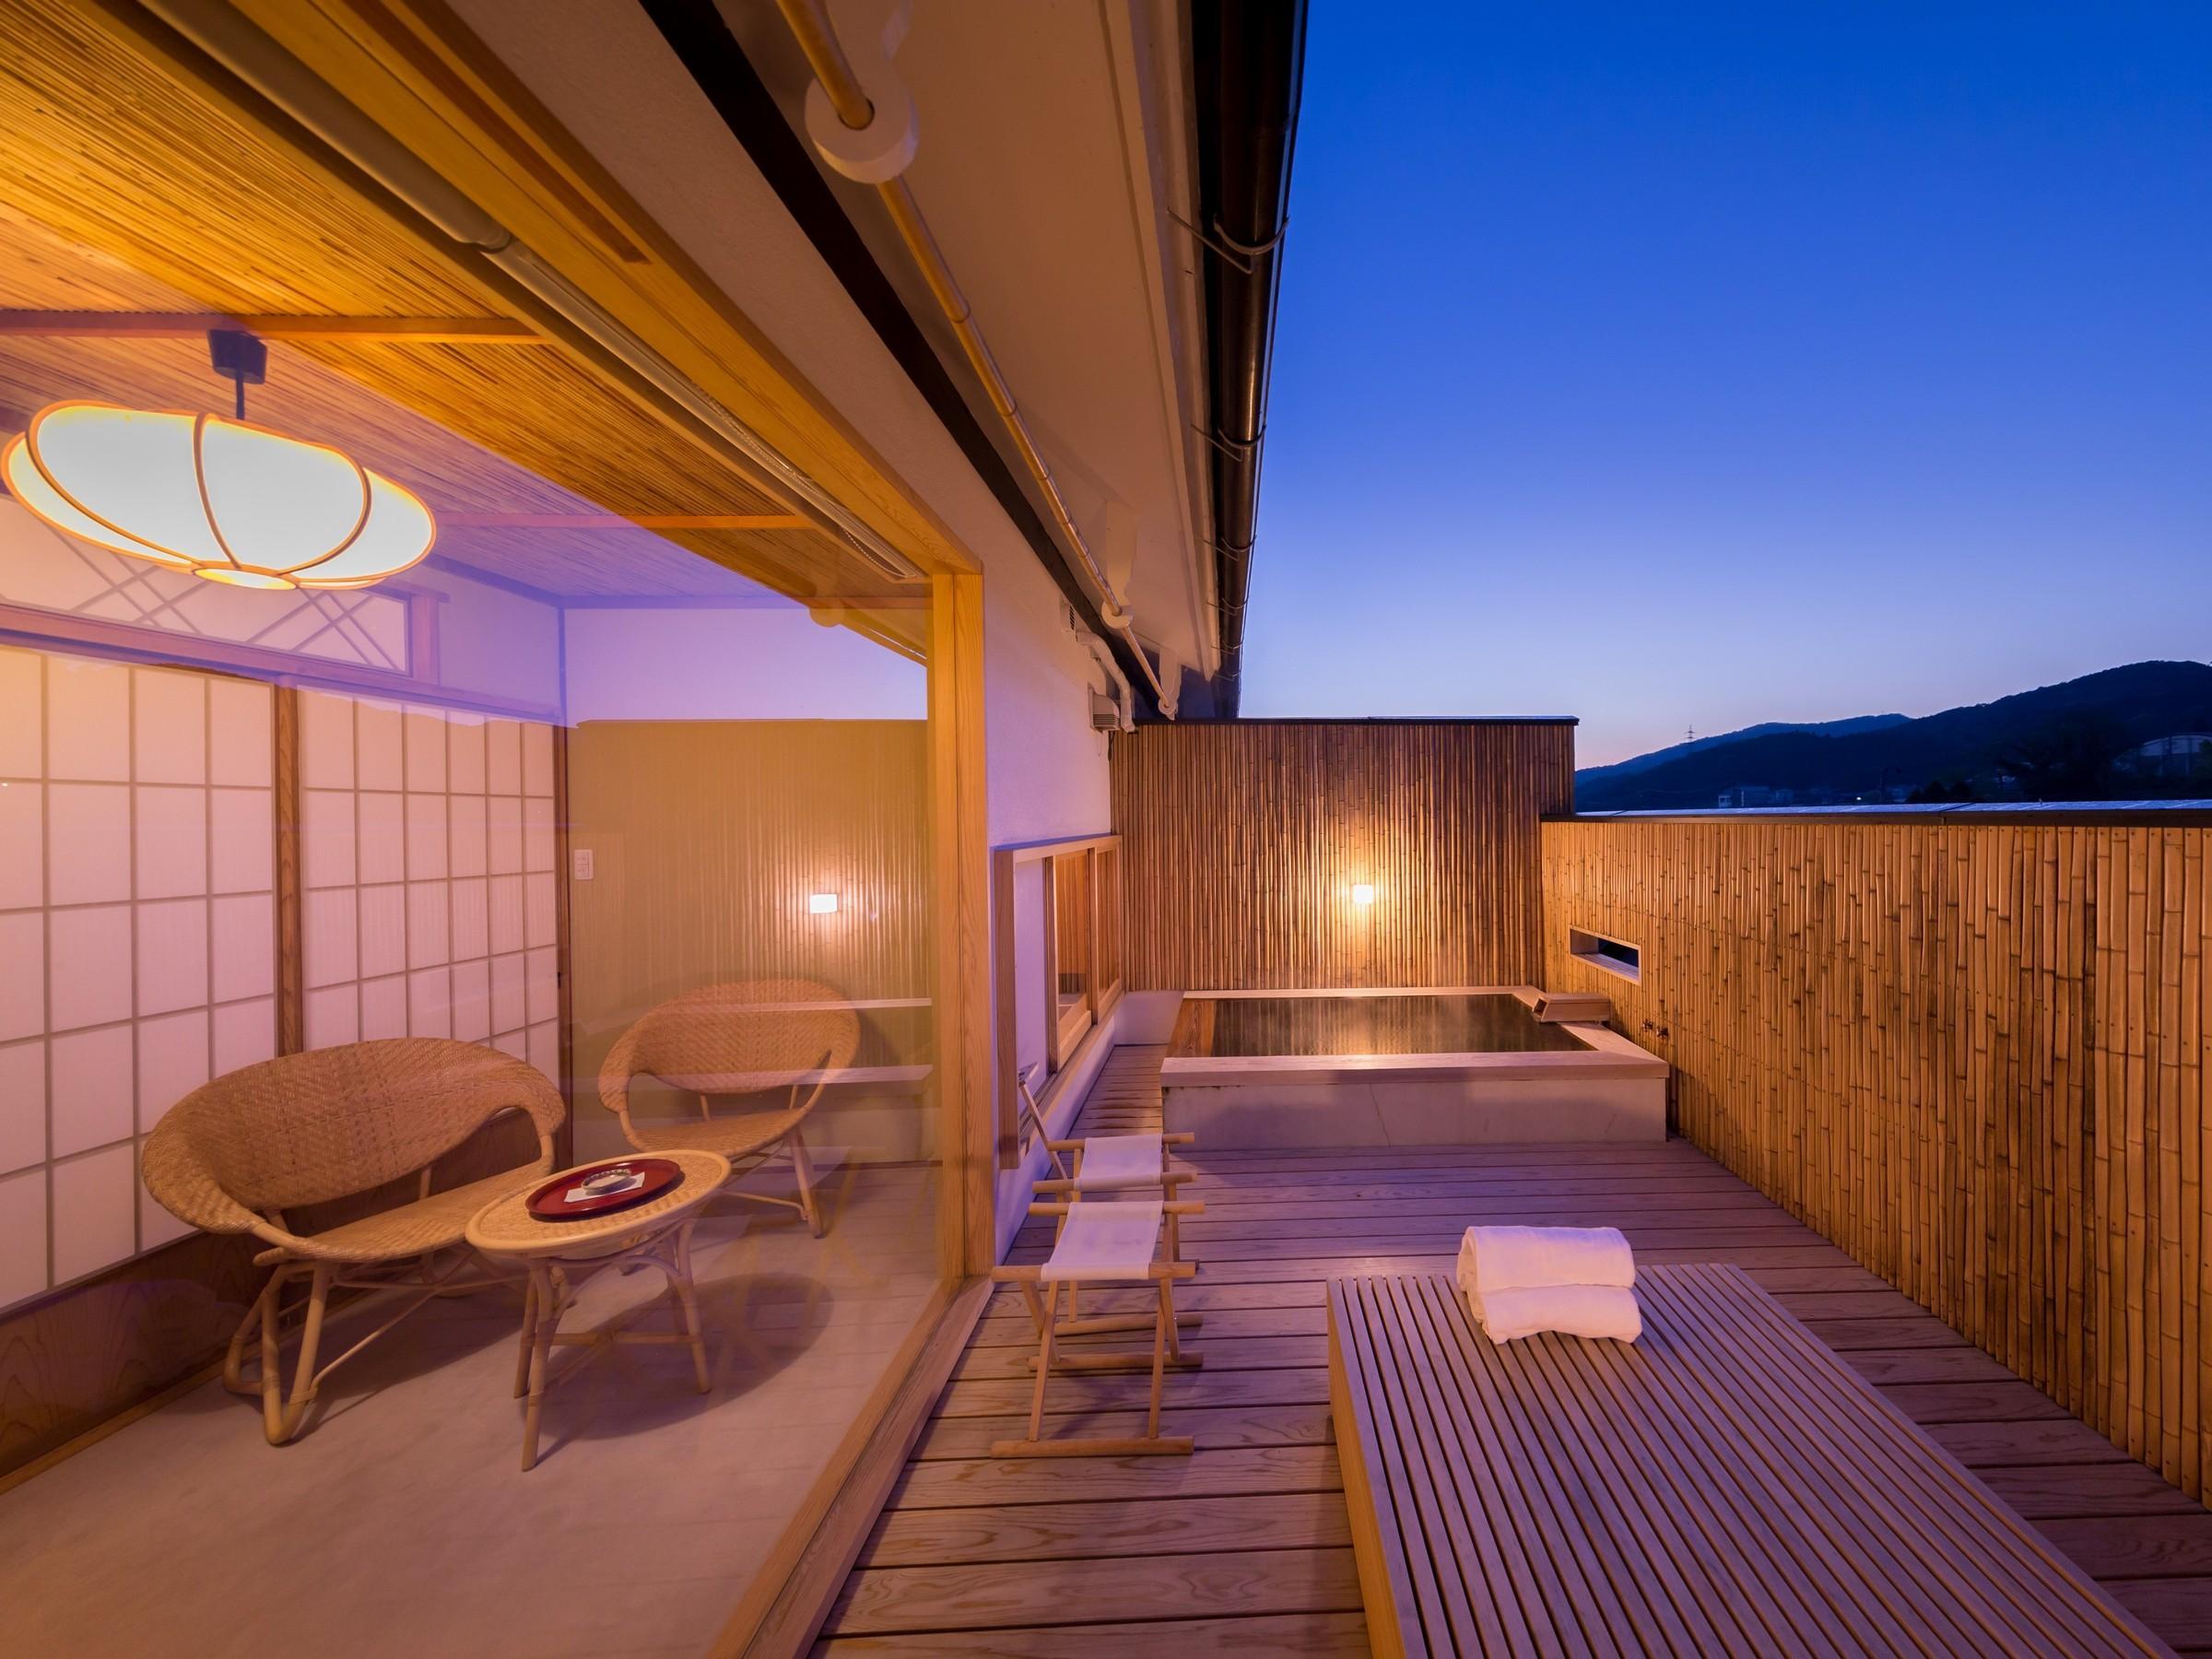 【みやび館】竹垣に囲まれたくつろぎ空間の露天風呂付和室(禁煙室)